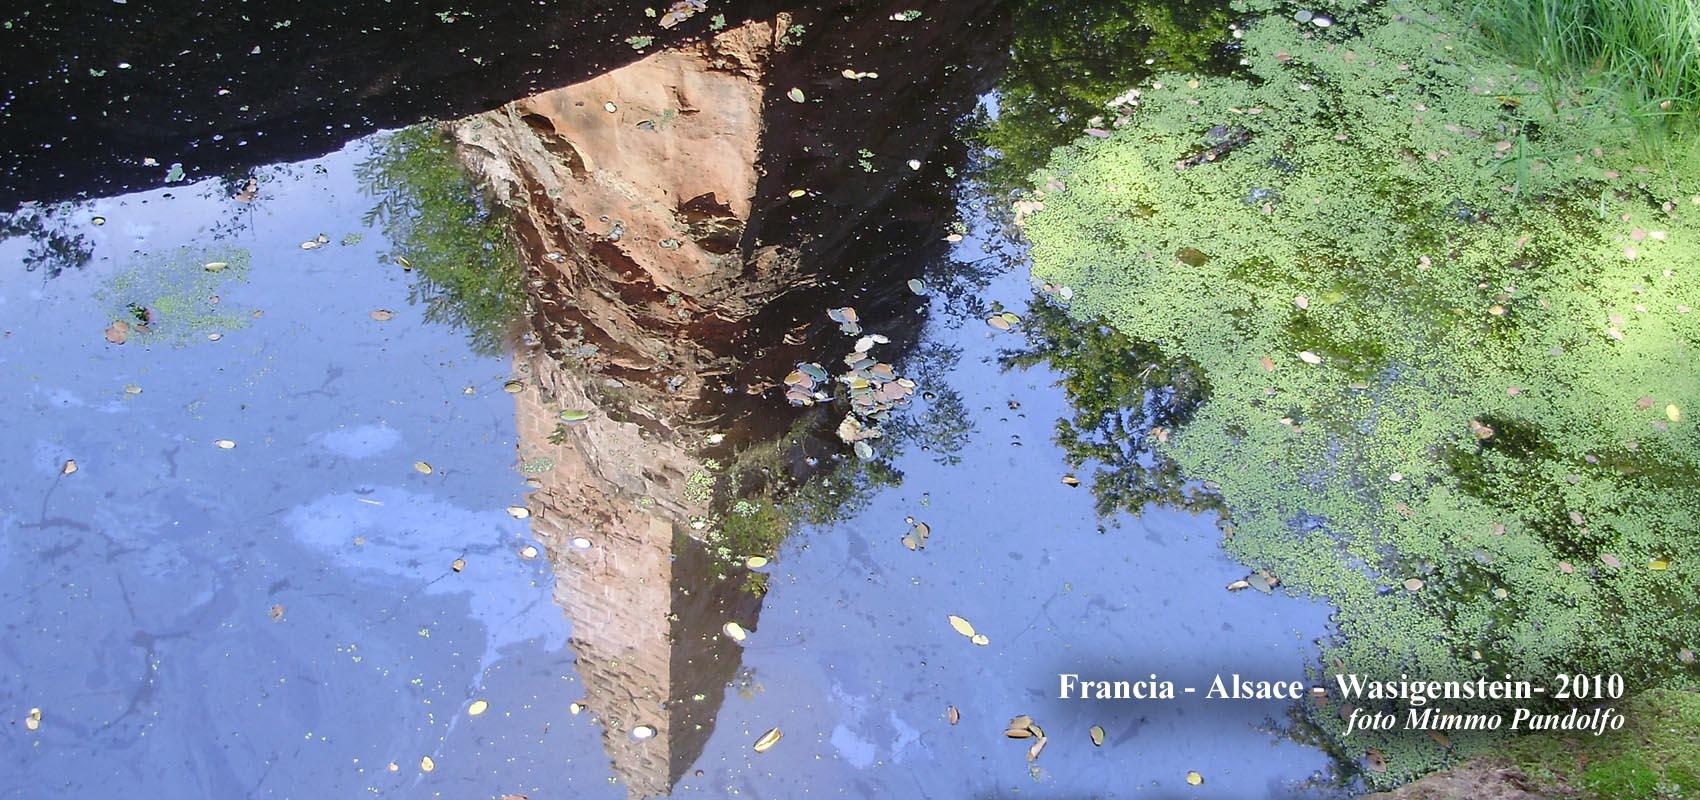 Francia, Alsace - Wasigenstein - 2010